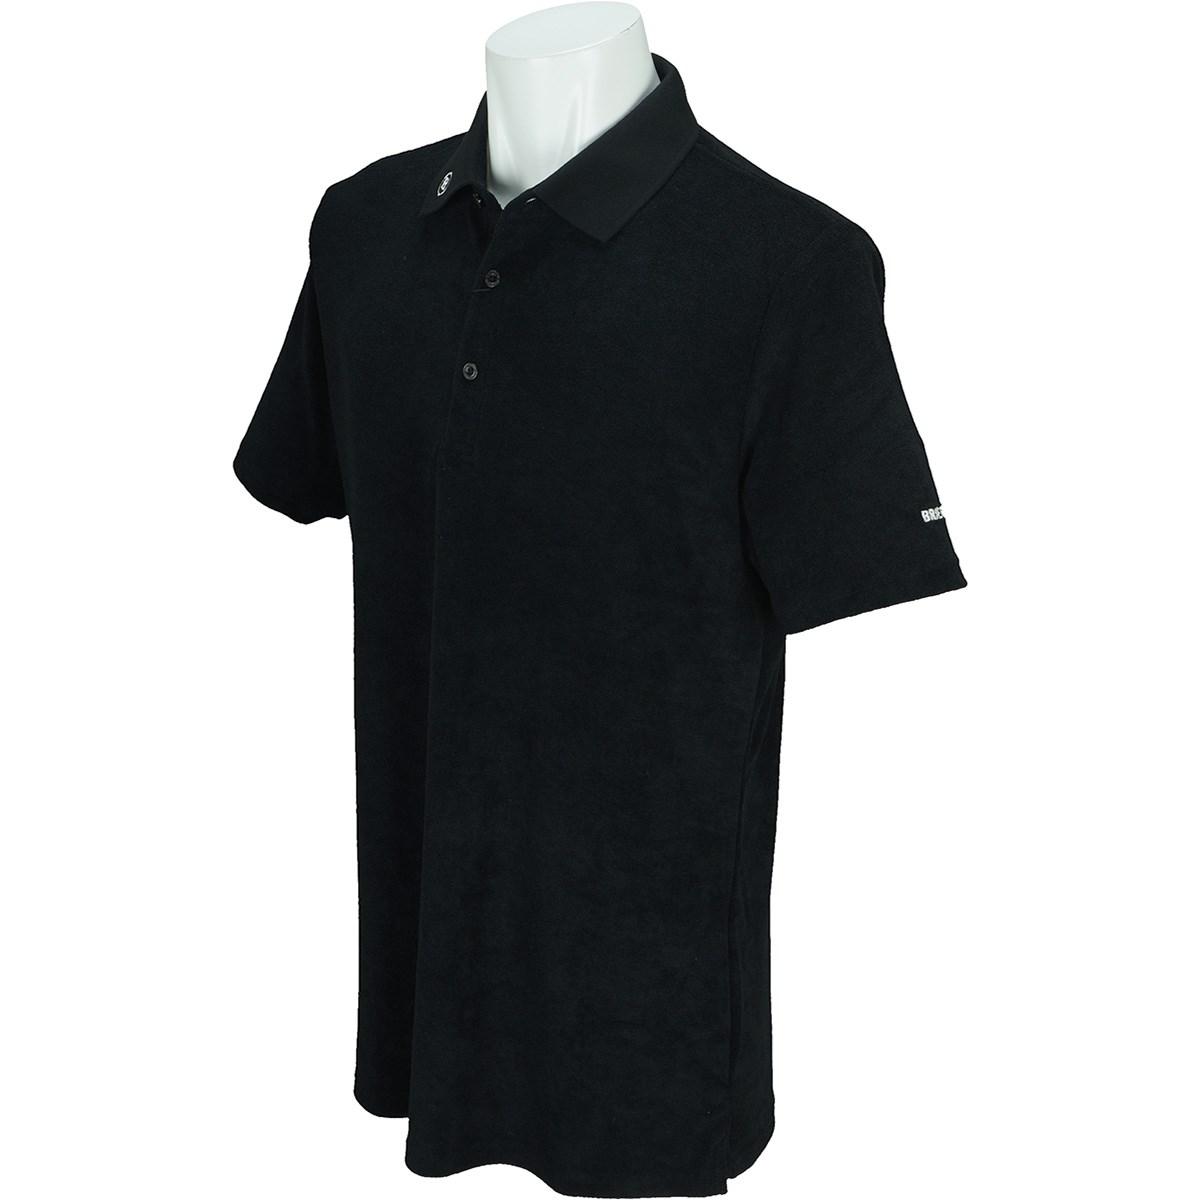 <ゴルフダイジェスト> 値下げしました! ブリーフィング ポロシャツ ゴルフウェア